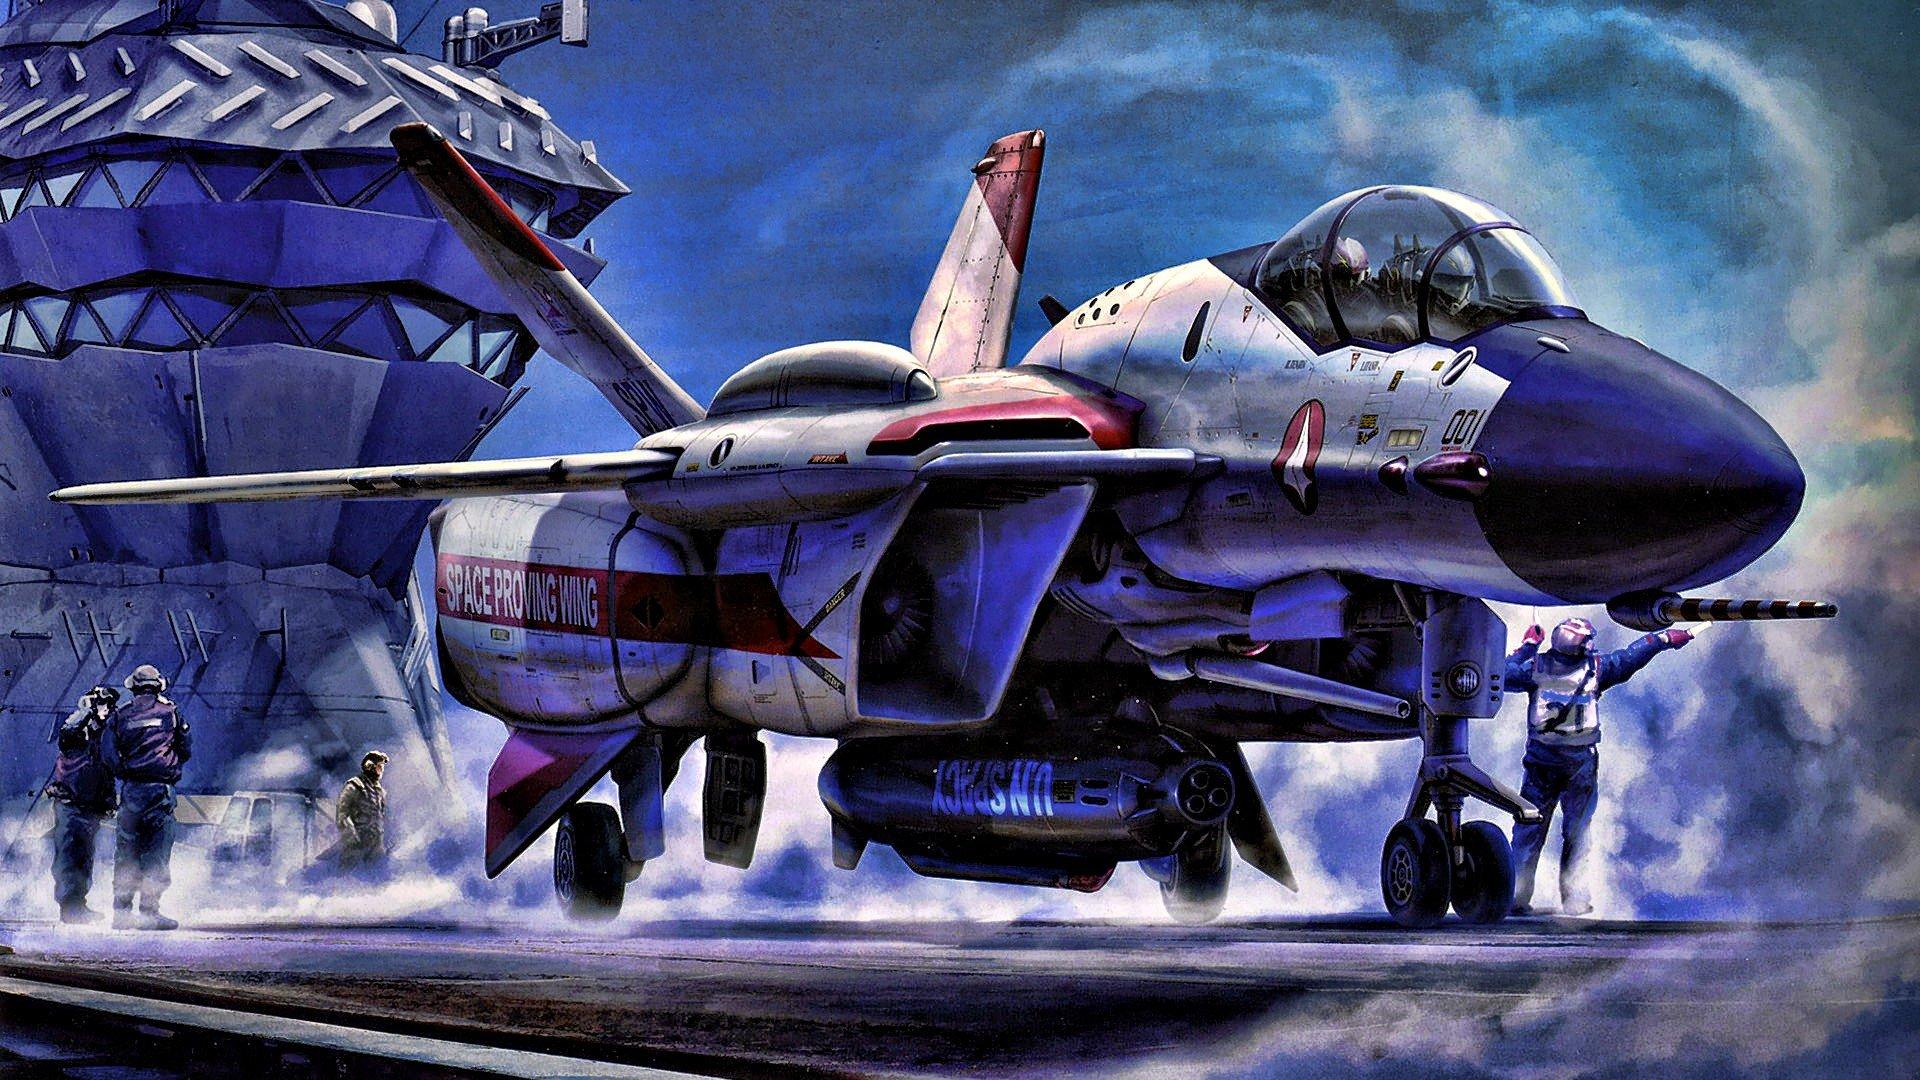 Macross jet aircraft wallpaper 1920x1080 254902 - Wallpapers robotech 3d ...